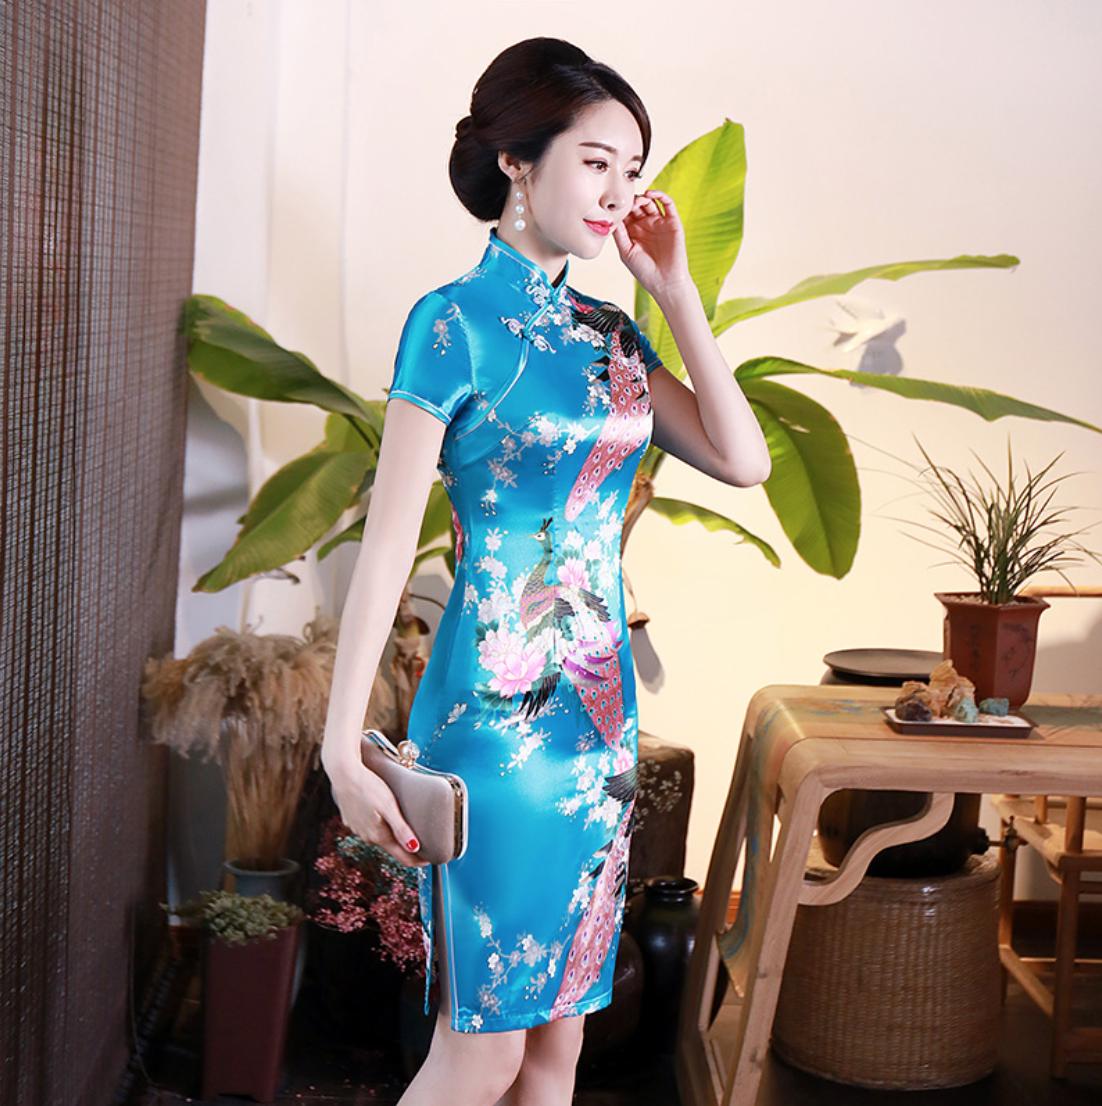 details about neu luxuriös blau satin phoenix chinesisch kurz kleid  cheongsam qipao lcdress85